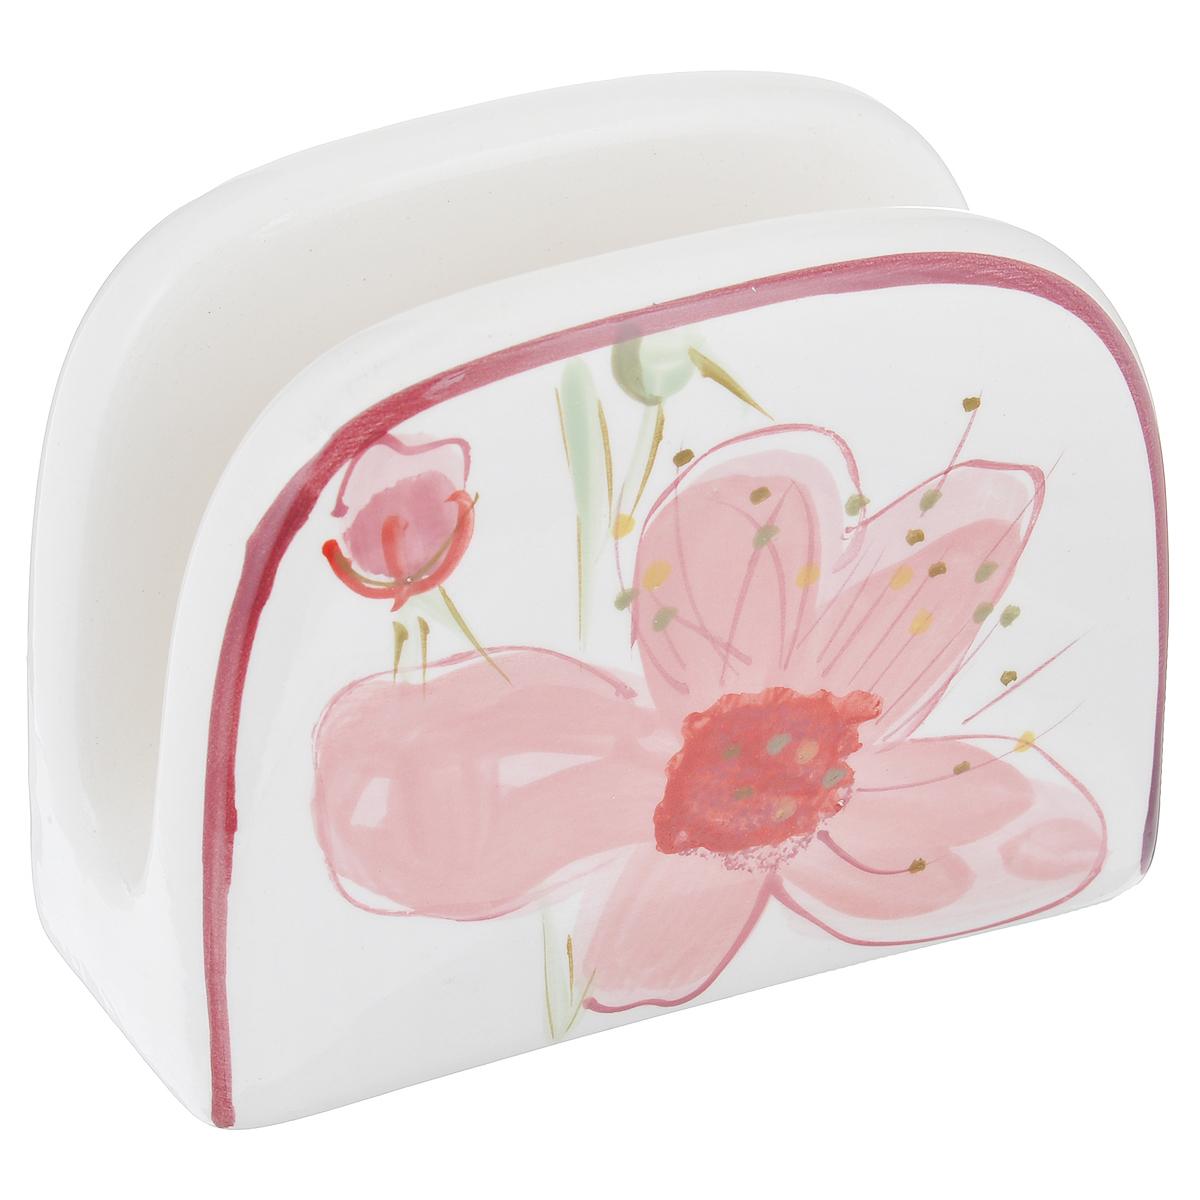 Подставка для салфеток Вишня115510Подставка для салфеток Вишня станет оригинальным украшением стола. Изделие выполнено из высококачественной керамики, покрытой слоем сверкающей глазури. Подставка декорирована изображением цветков вишни. Такая подставка красиво оформит стол и создаст особое настроение. Размер подставки: 13,5 см х 10 см х 6 см. Можно мыть в посудомоечной машине.